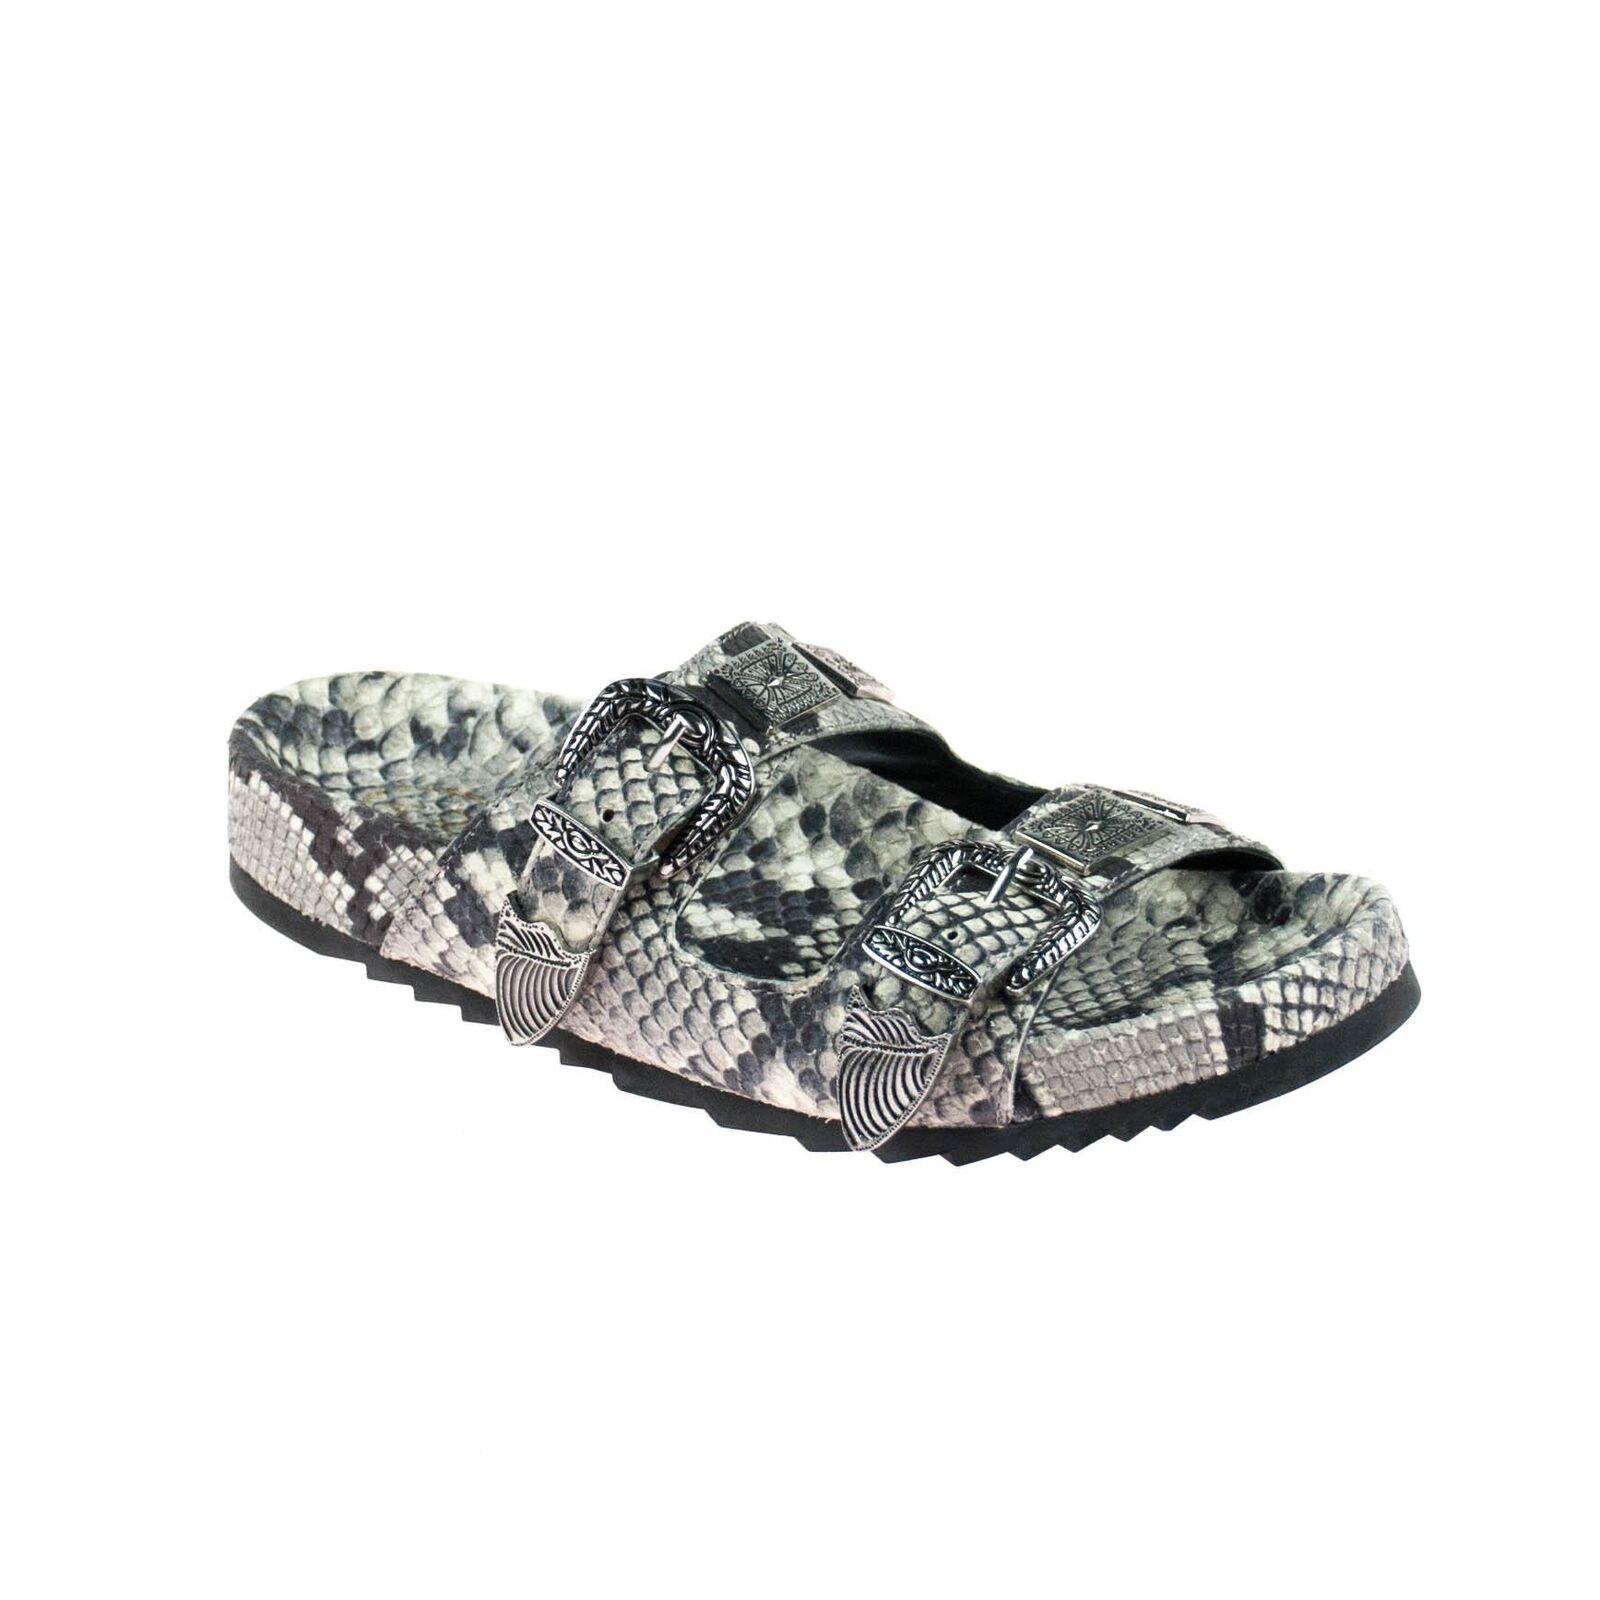 best sneakers 0c3f0 a602f Ash señora sandalias de cuero serpientes patrón tamaño 36